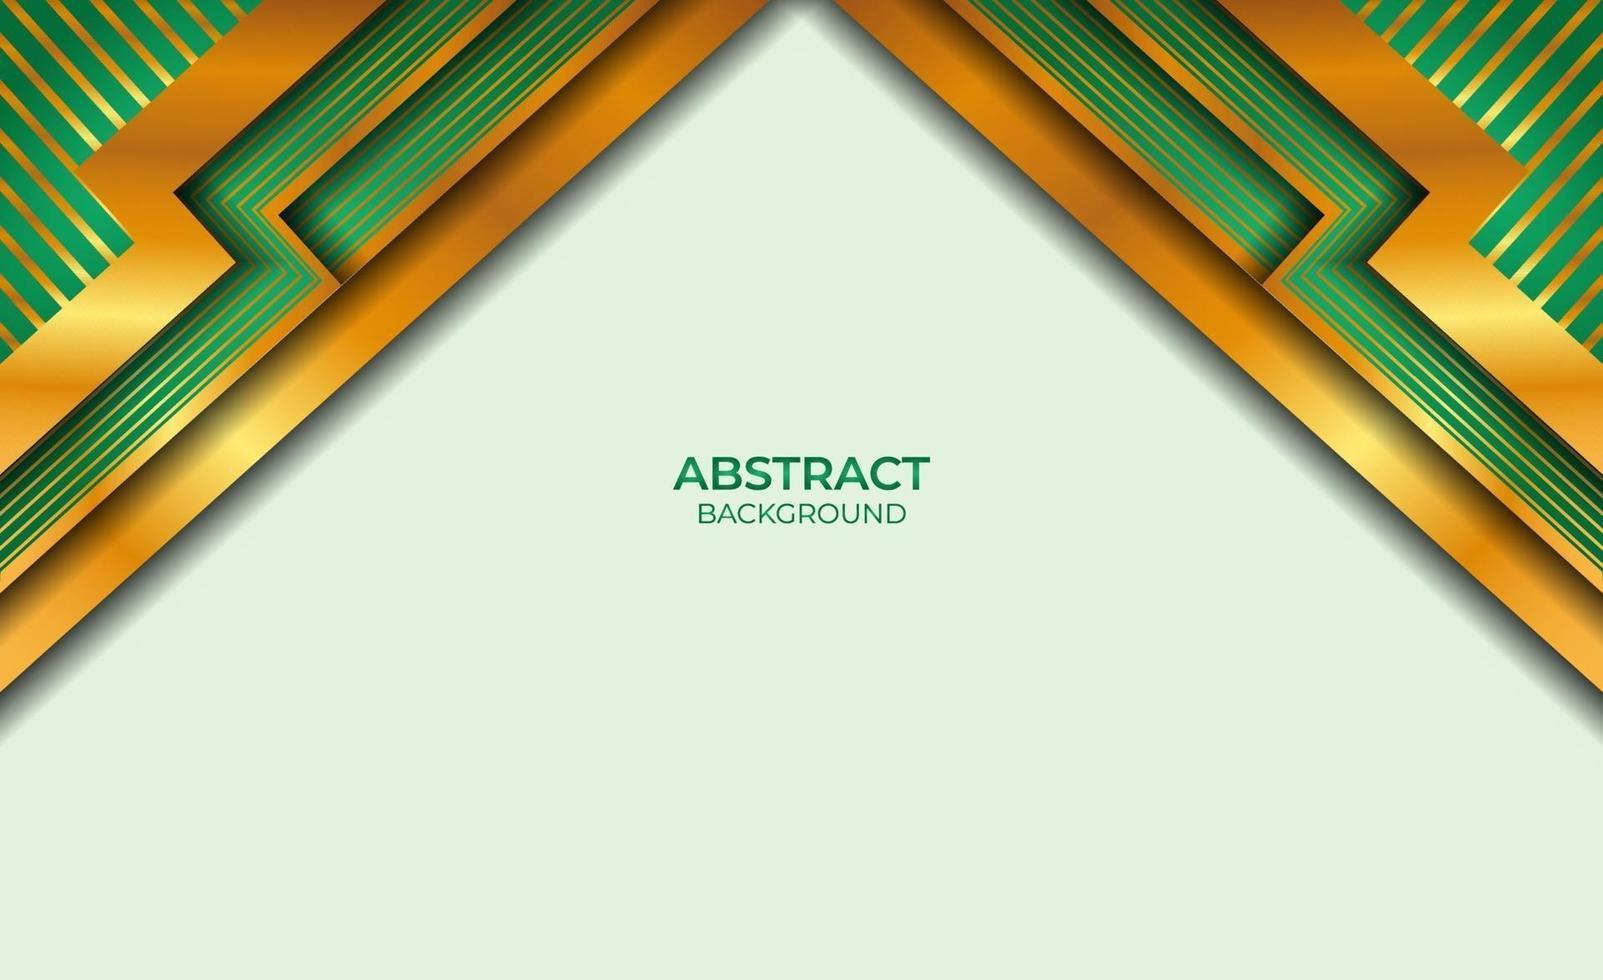 achtergrond gouden en groene stijl abstract vector